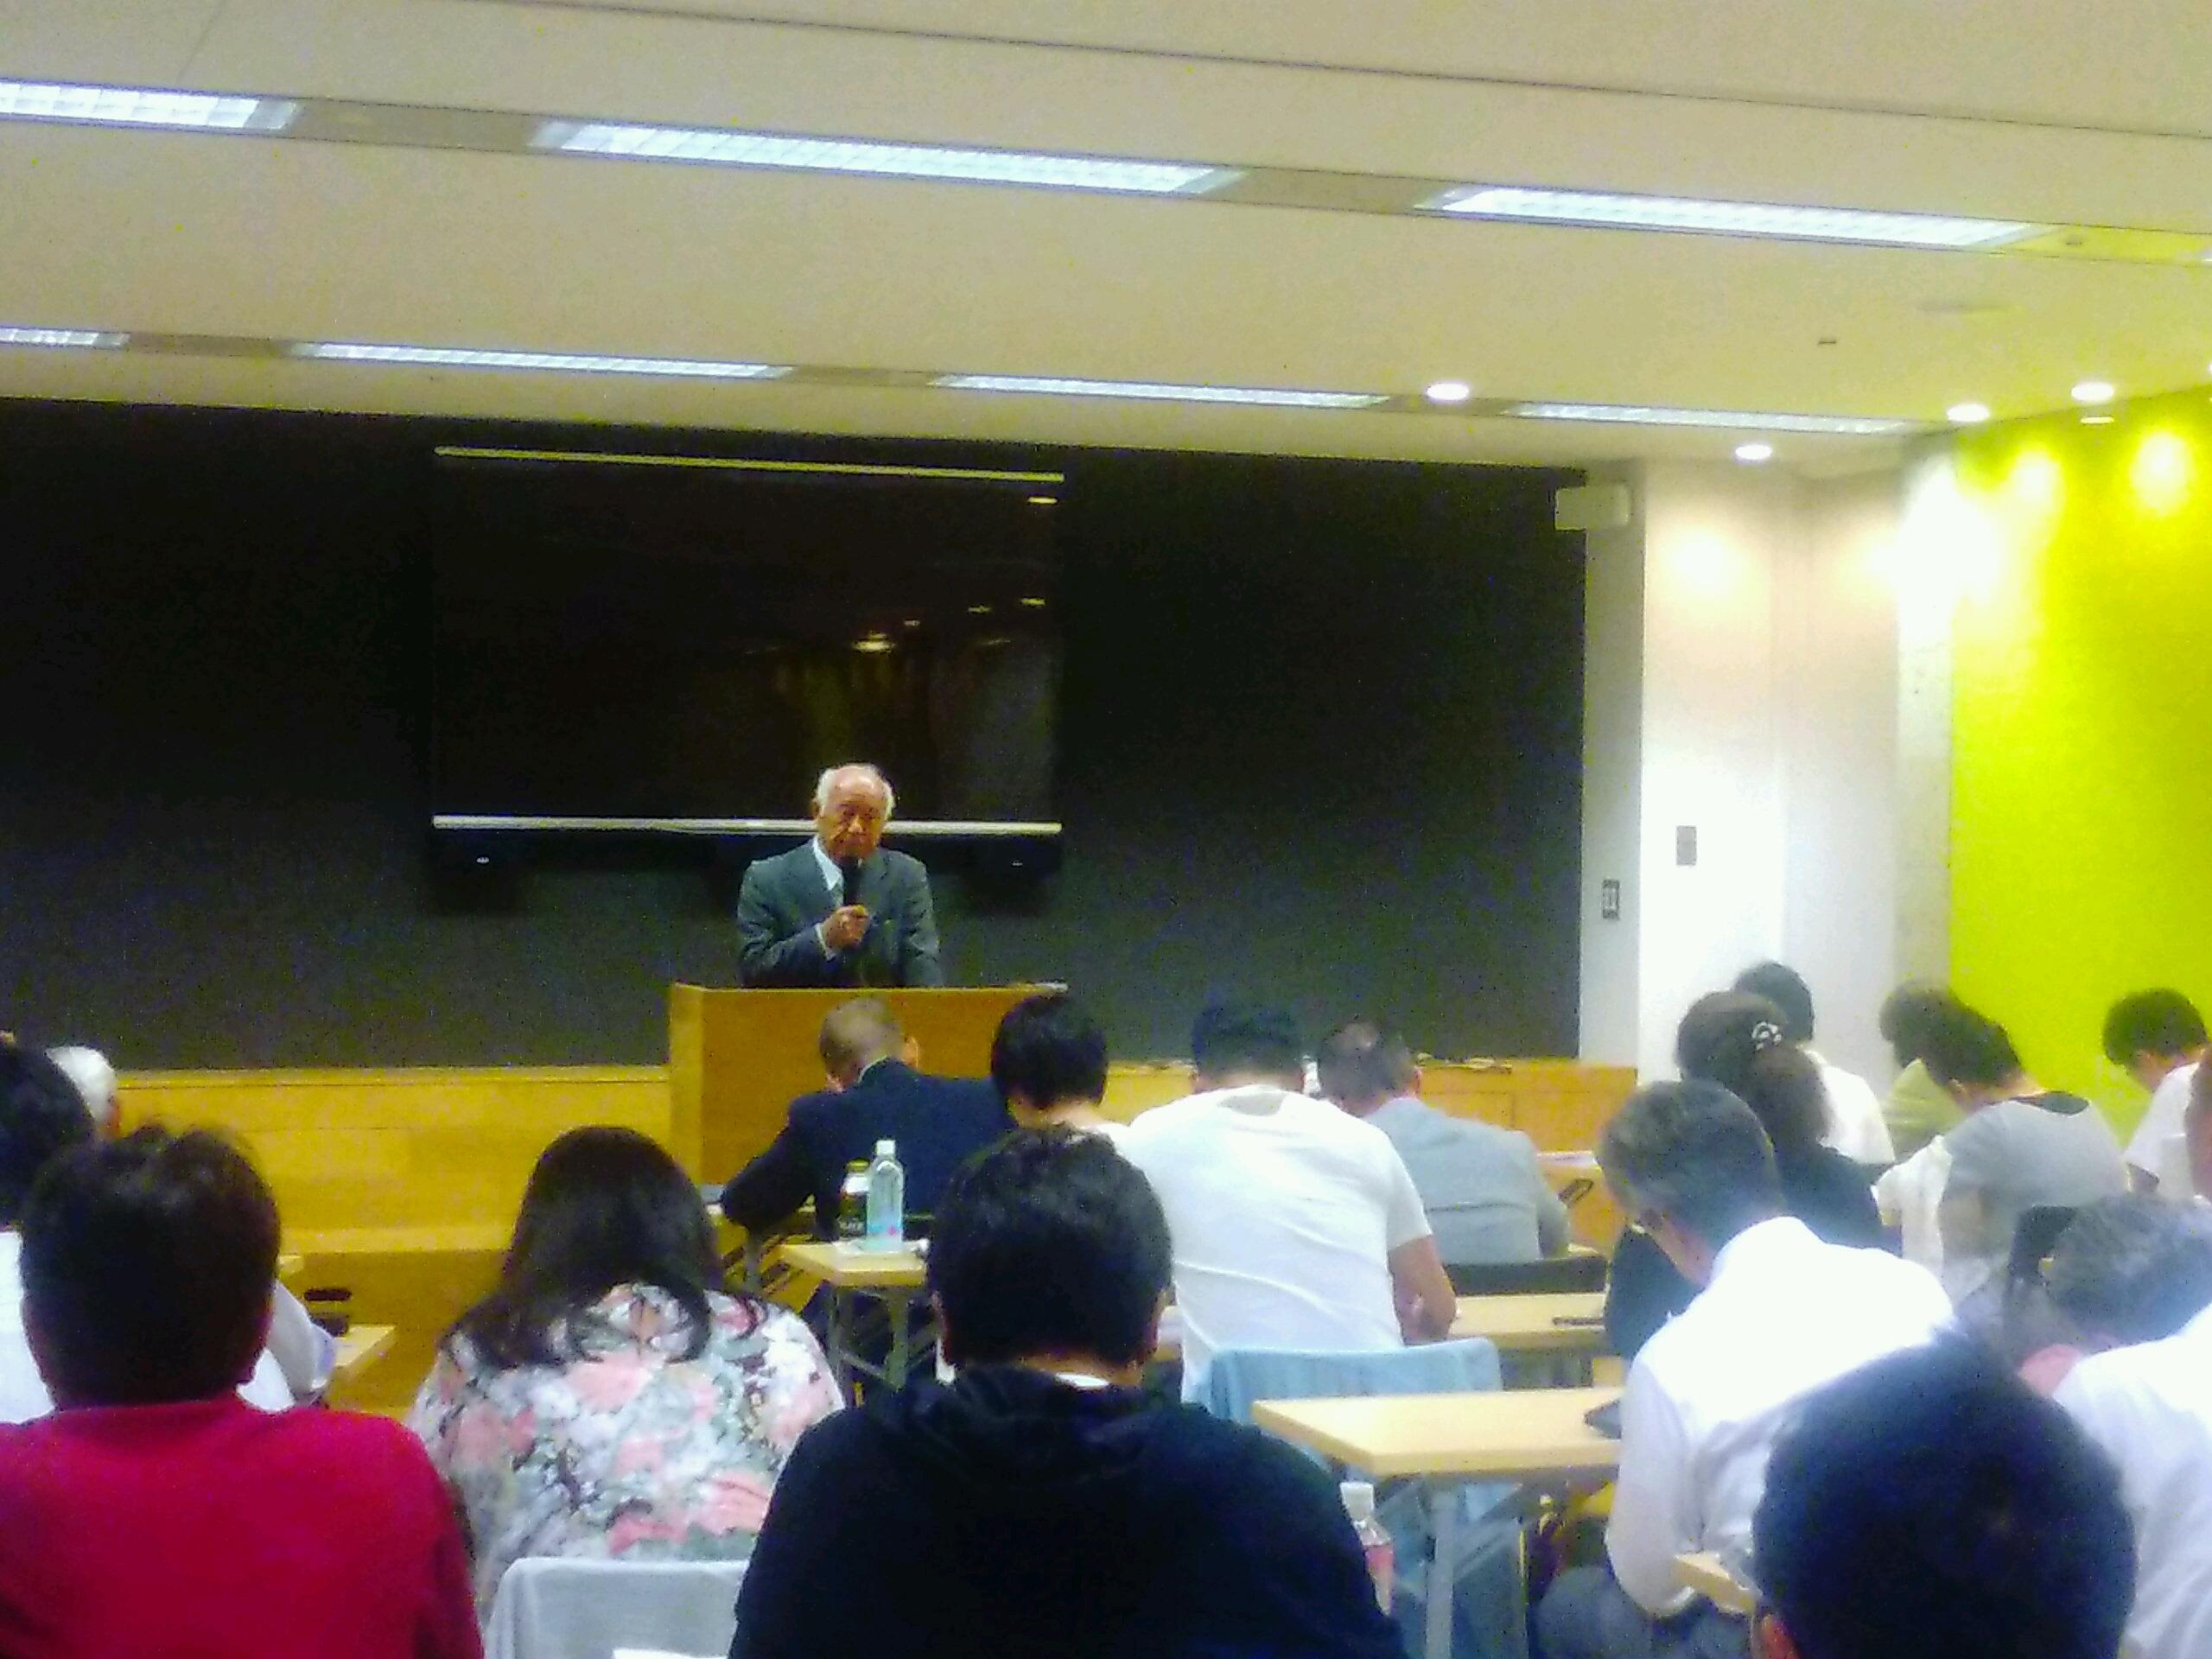 20181006182014 - 2018年10月6日(土)第5回東京思風塾開催しました。